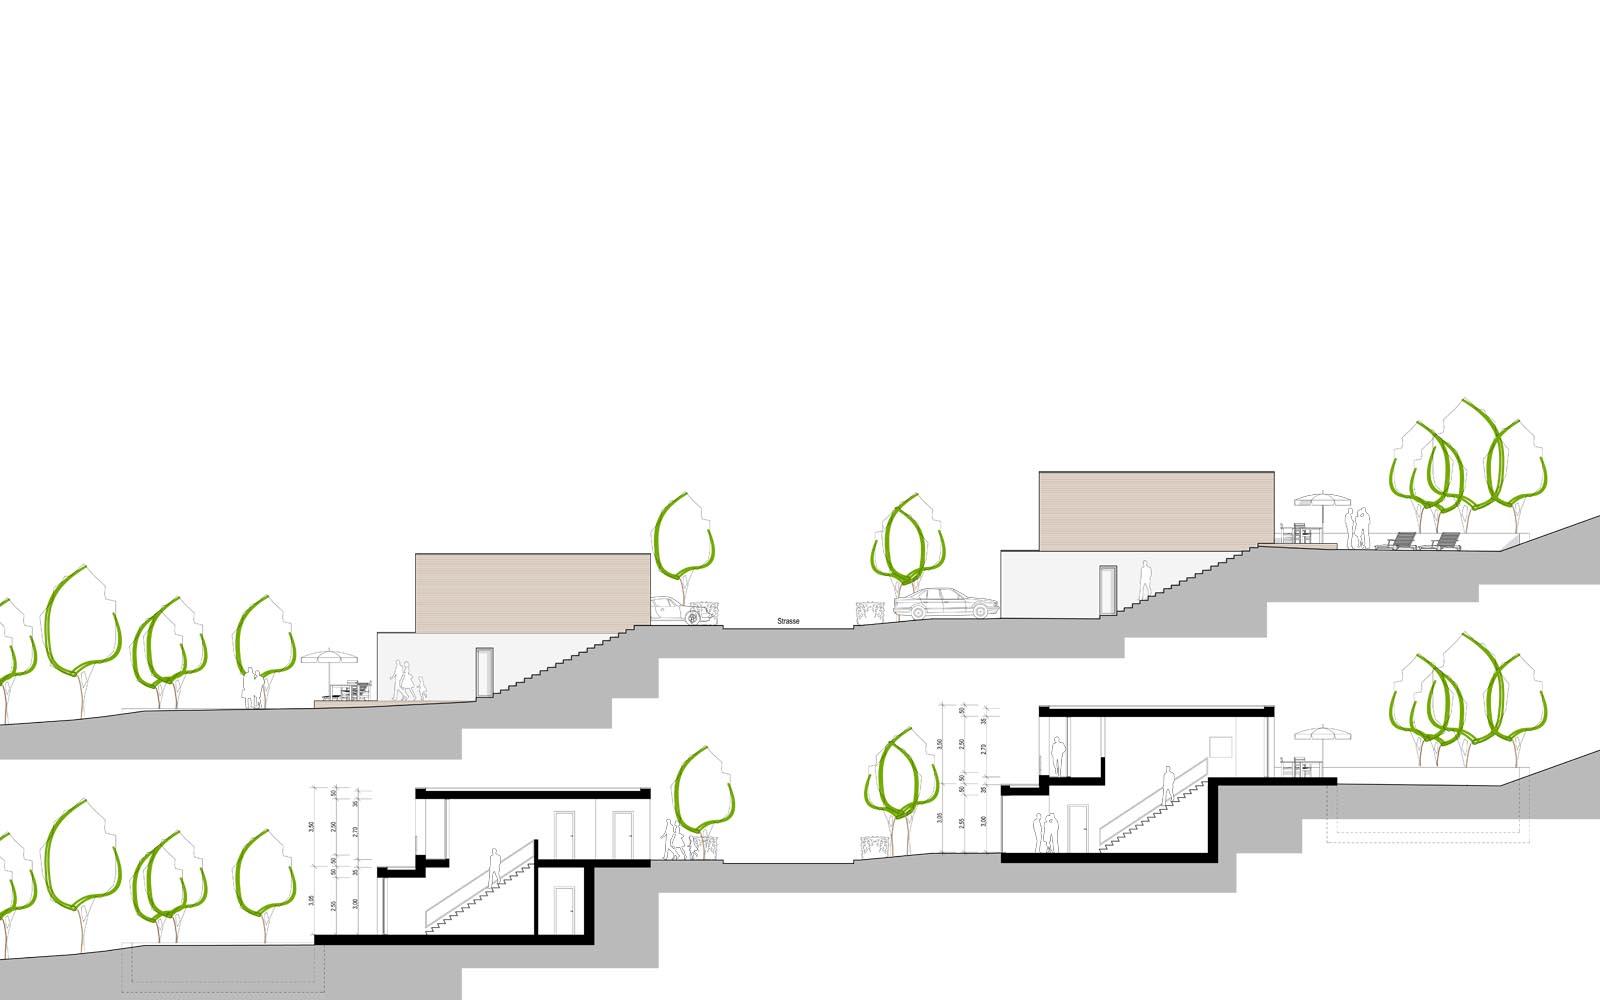 WBW_SteinwegClausArchitekten_Neubau_Einfamilienhaus_Hanglage_Herscheid_Pool_00004